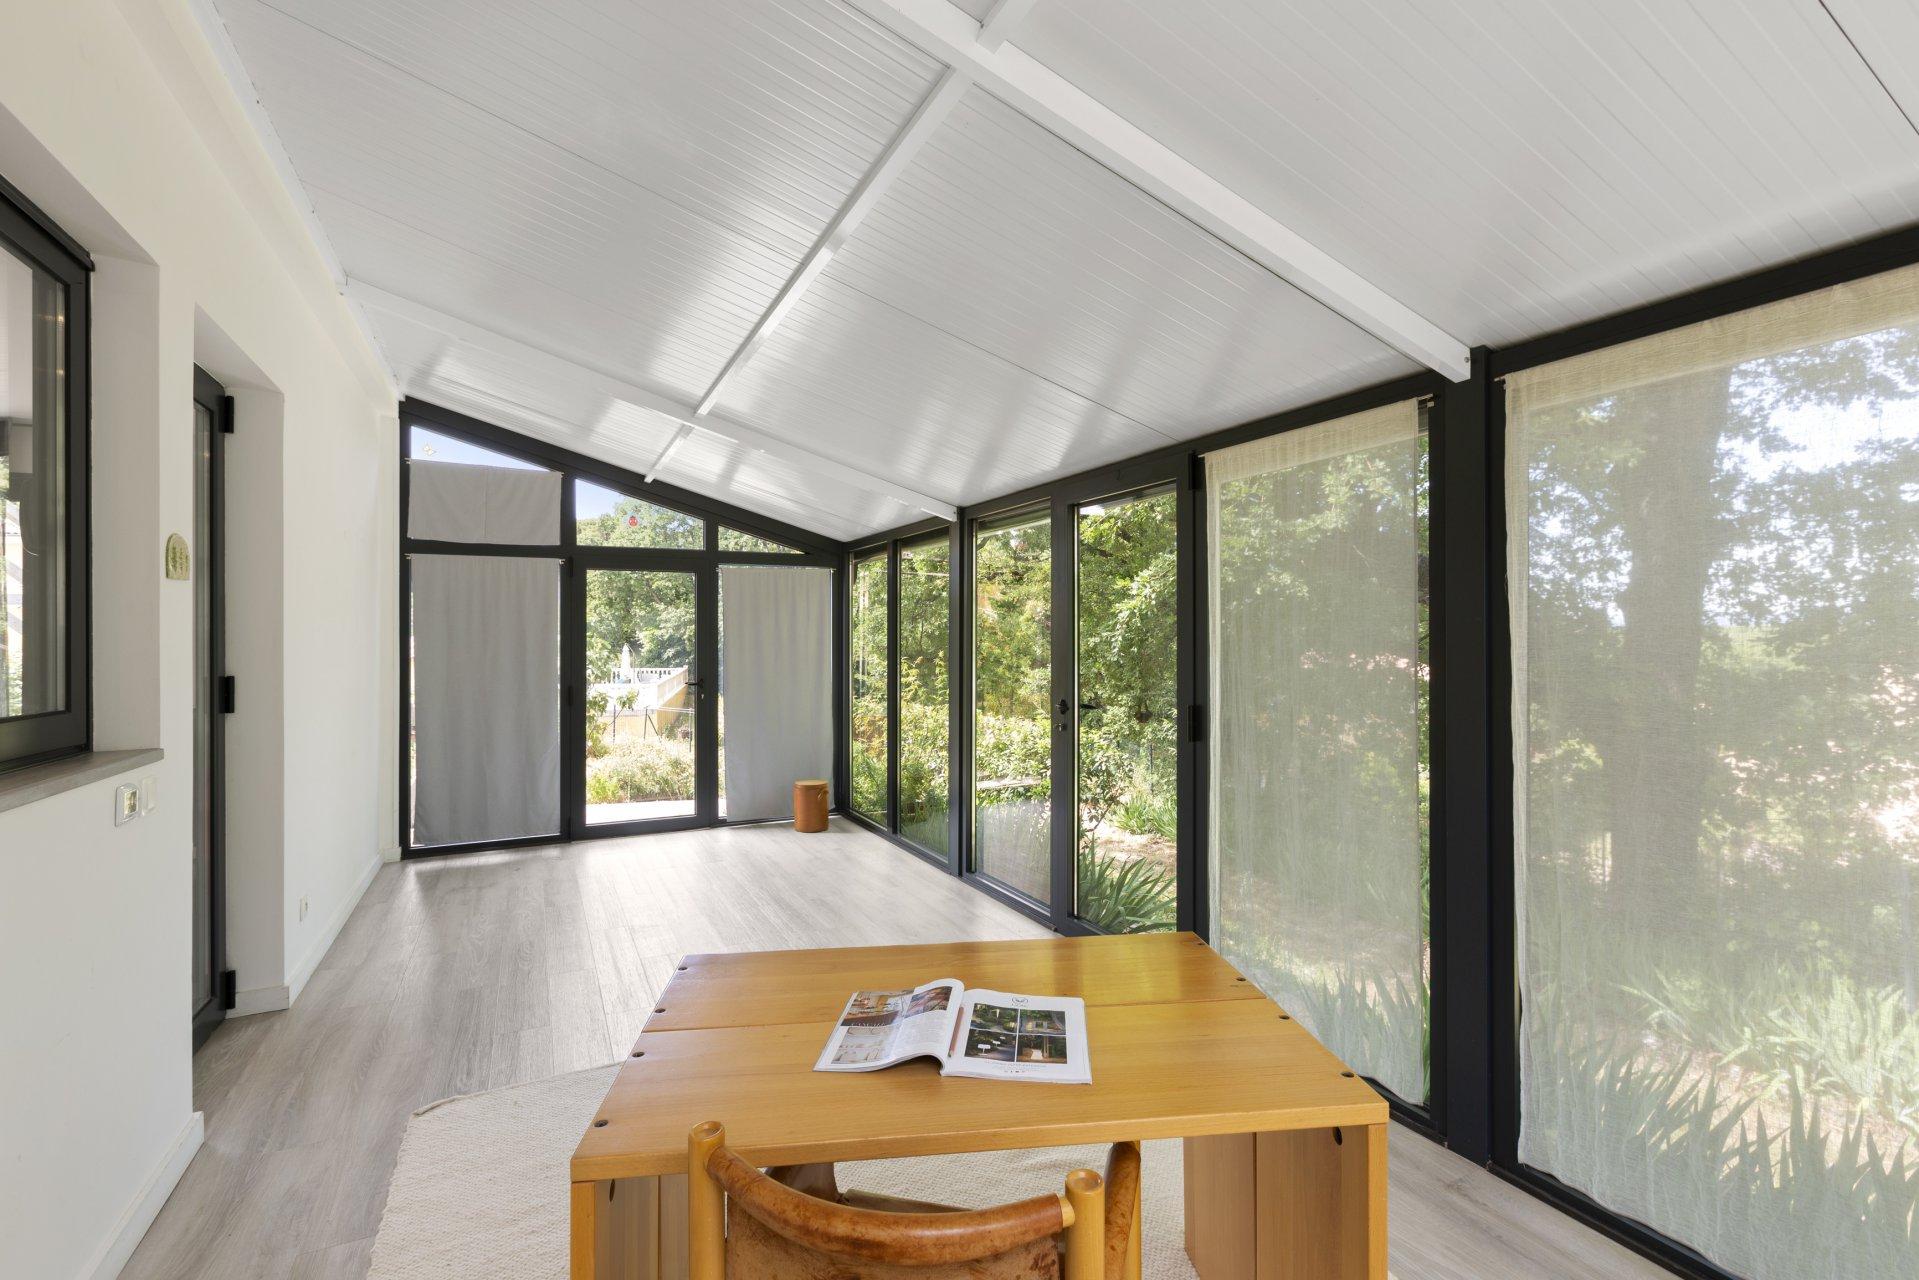 Saint Vallier: Belle maison bioclimatique neuve avec garage, située à pied du village, dans un secteur résidentiel.